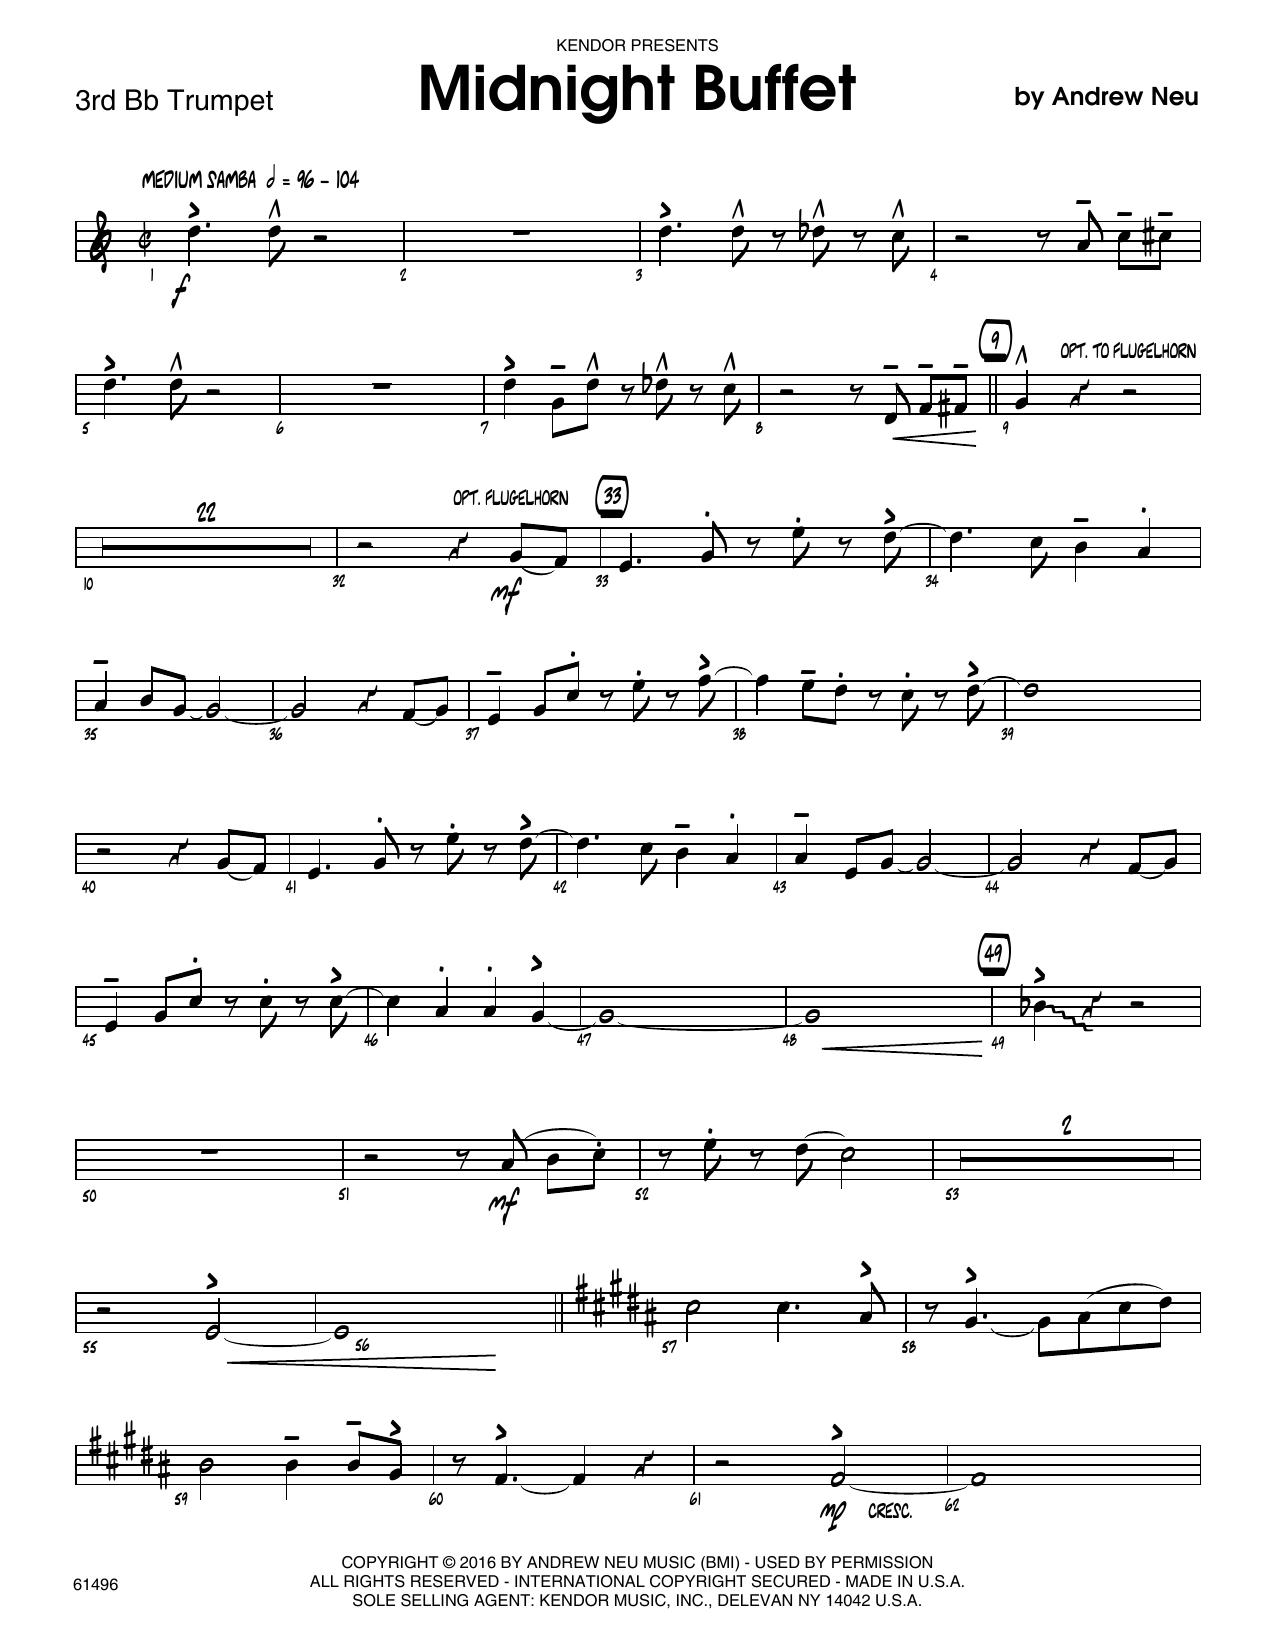 Midnight Buffet - 3rd Bb Trumpet Sheet Music